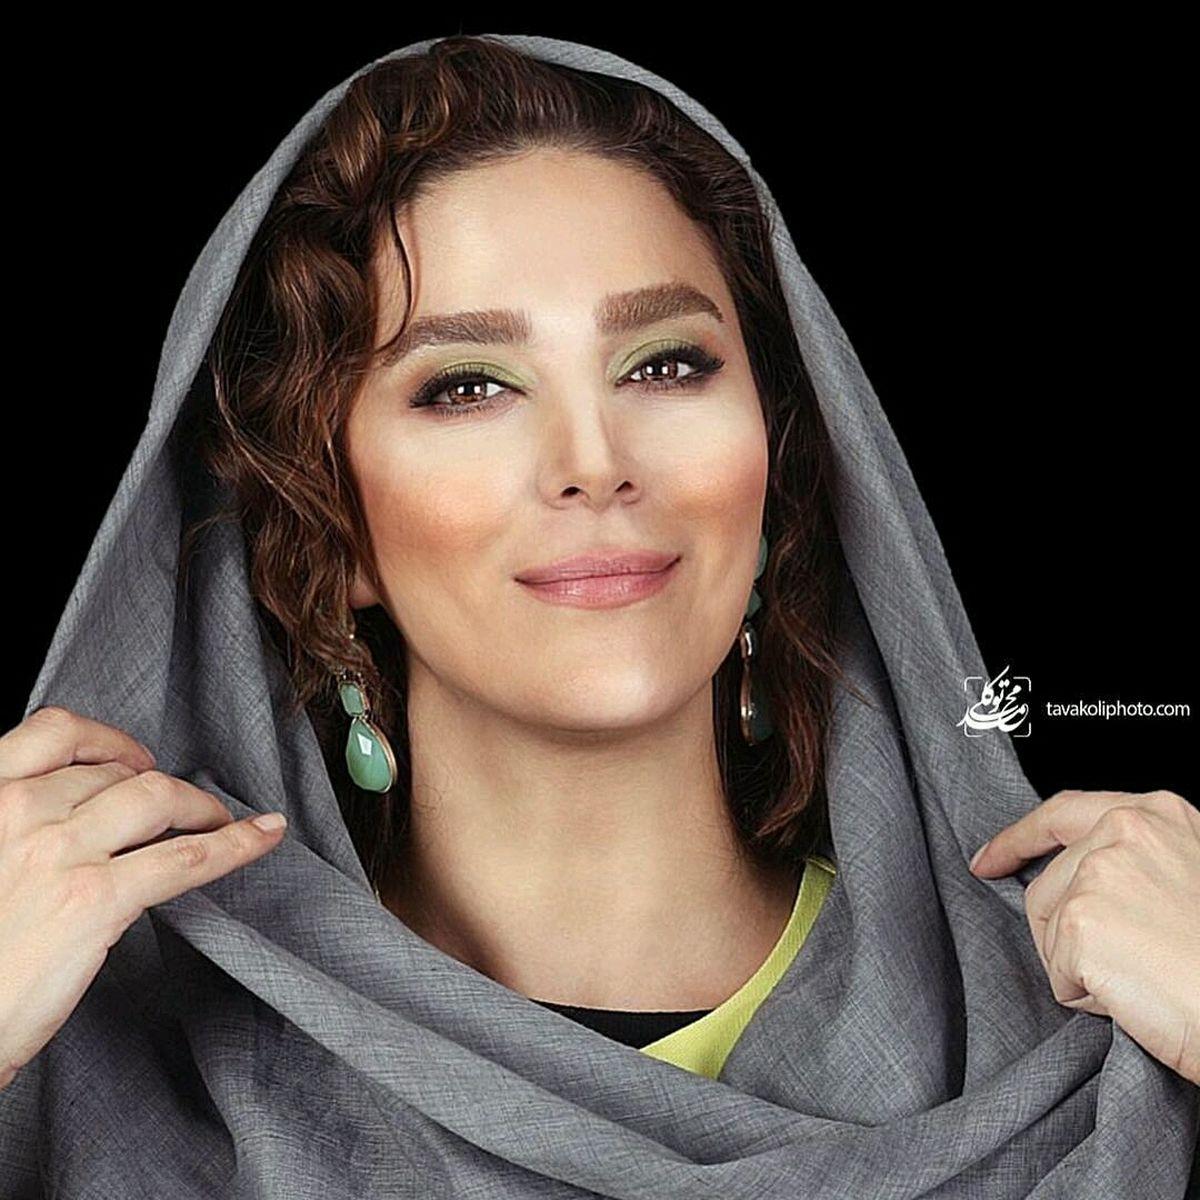 چهره عجیب سحر دولتشاهی با آرایش غلیظ + عکس